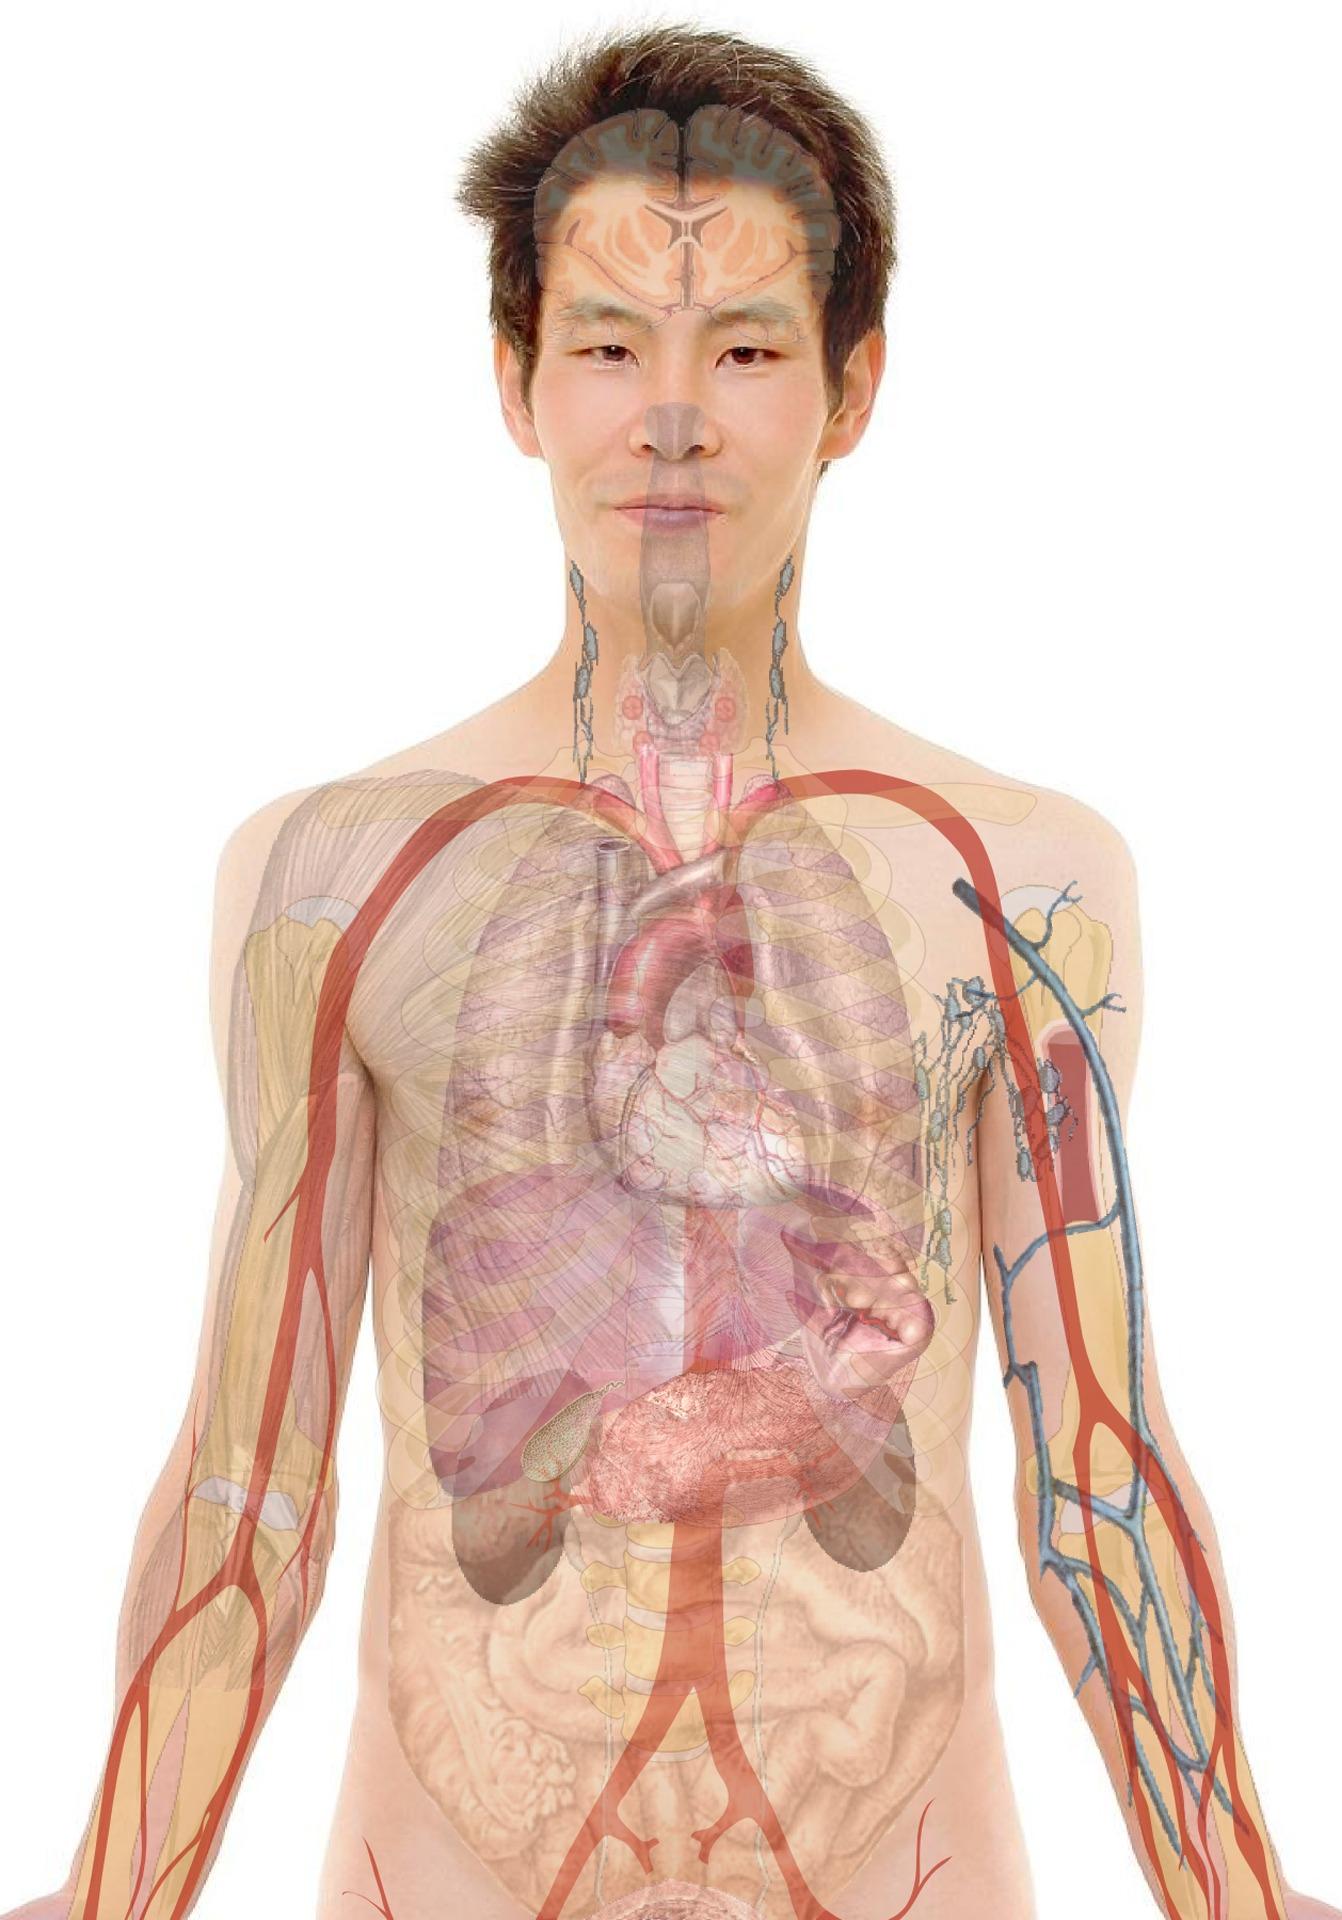 készítmények férgek eltávolítására az emberi testből